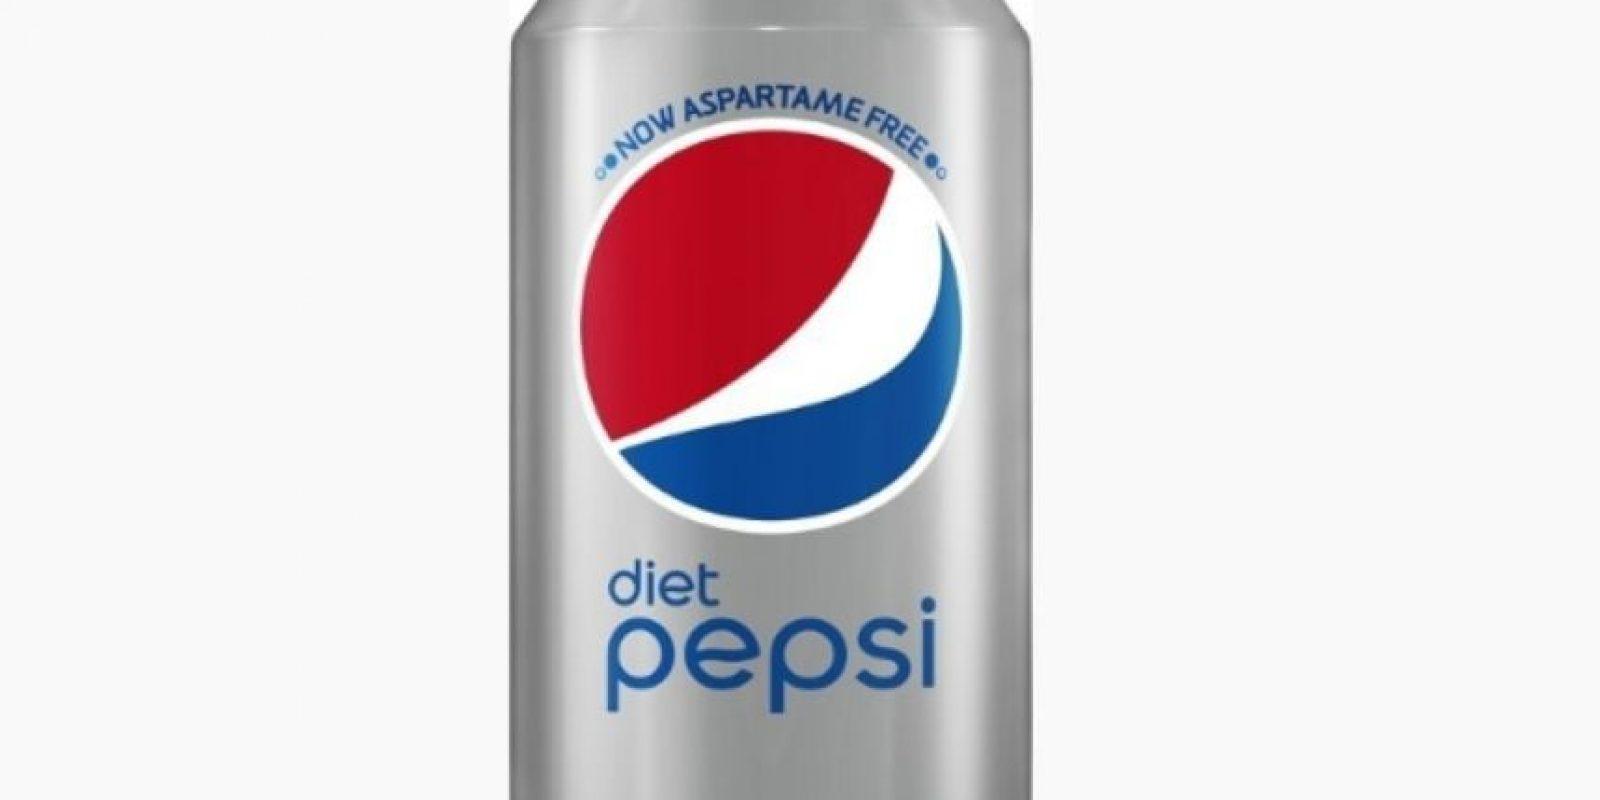 En los nuevos productos se incluye Diet Pepsi, Diet Pepsi sin cafeína y Wild Cherry Pepsi Diet. Foto:Vía pepsico.com